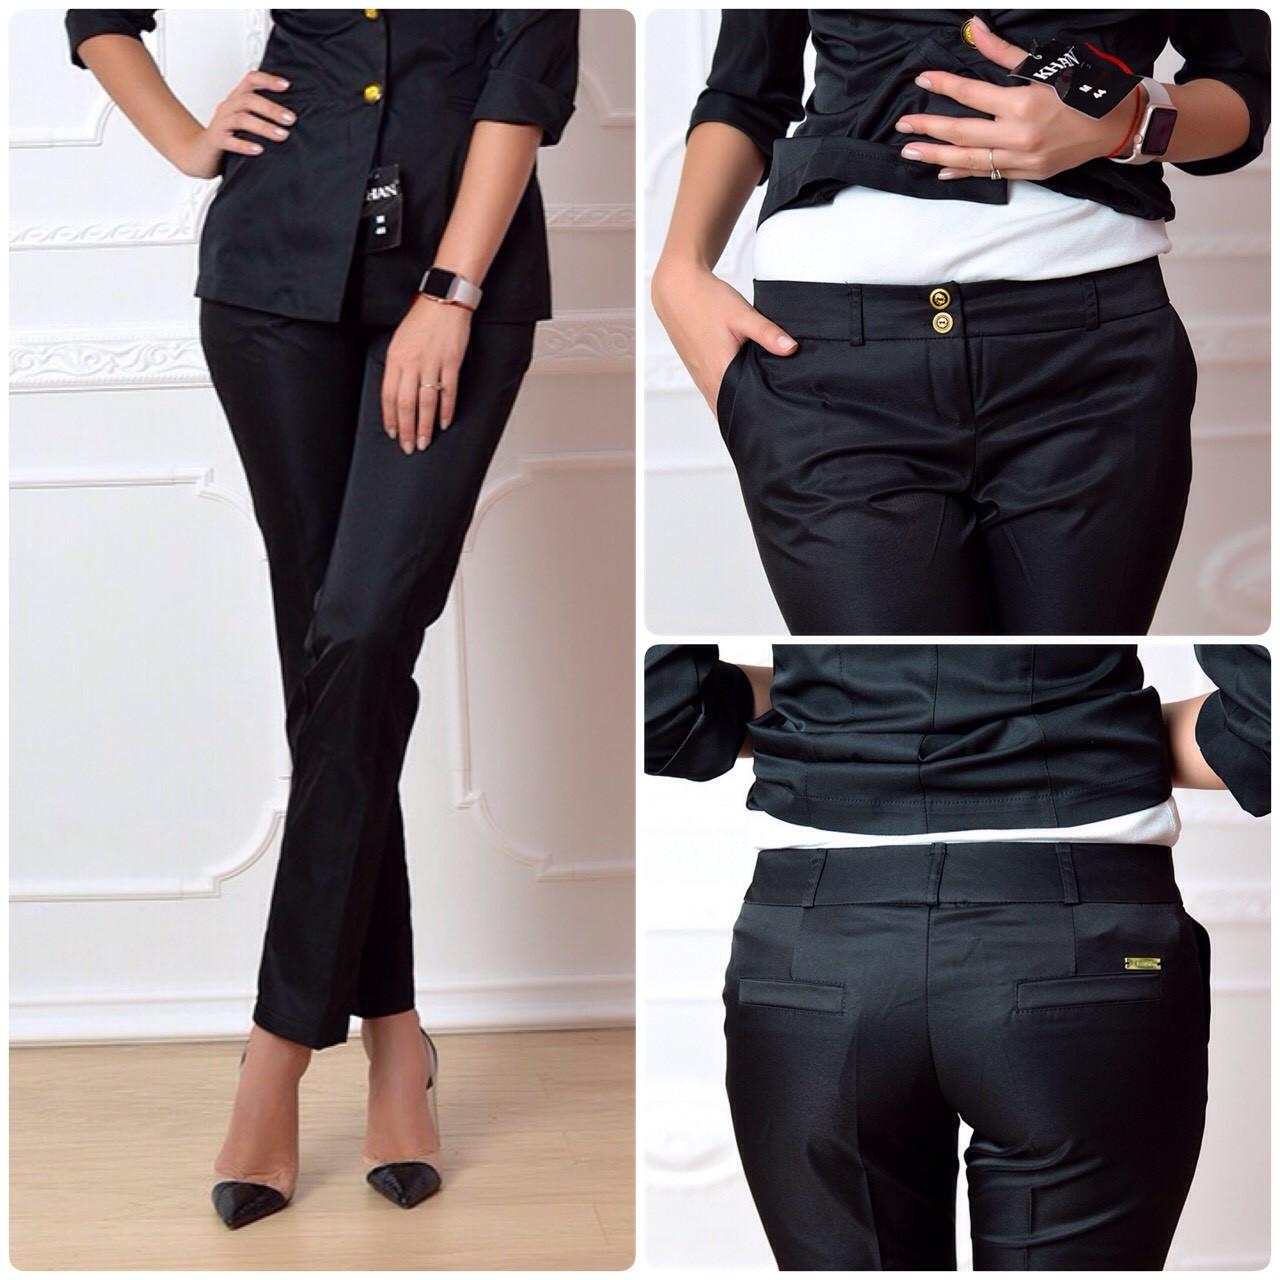 Жіночі брюки, арт 314, колір чорний